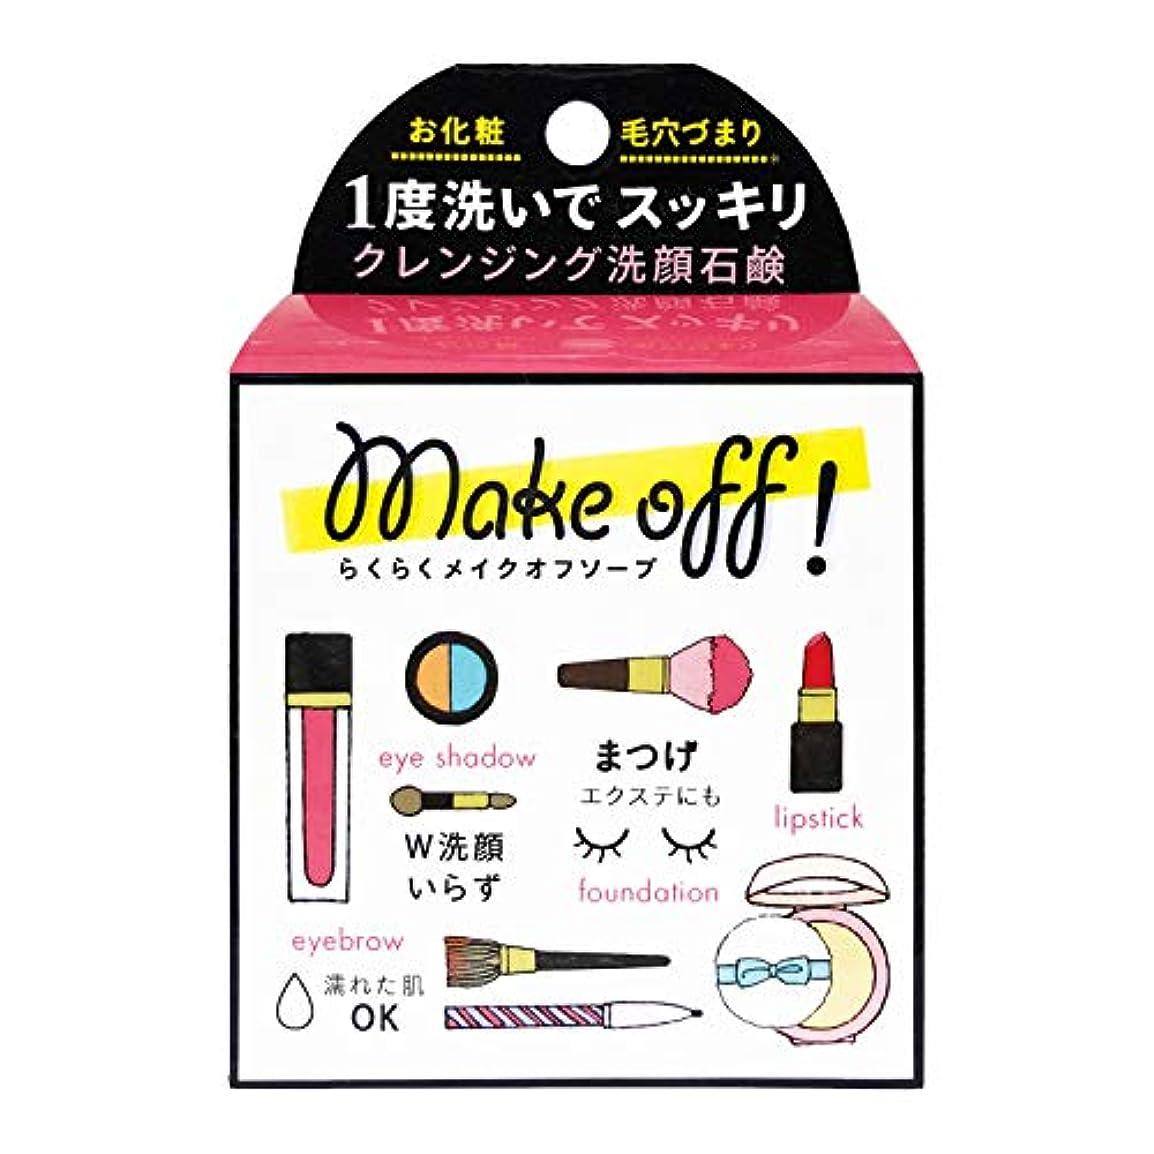 伝統的ドック火傷MAKE OFF SOAP (メイク オフ ソープ) 80g